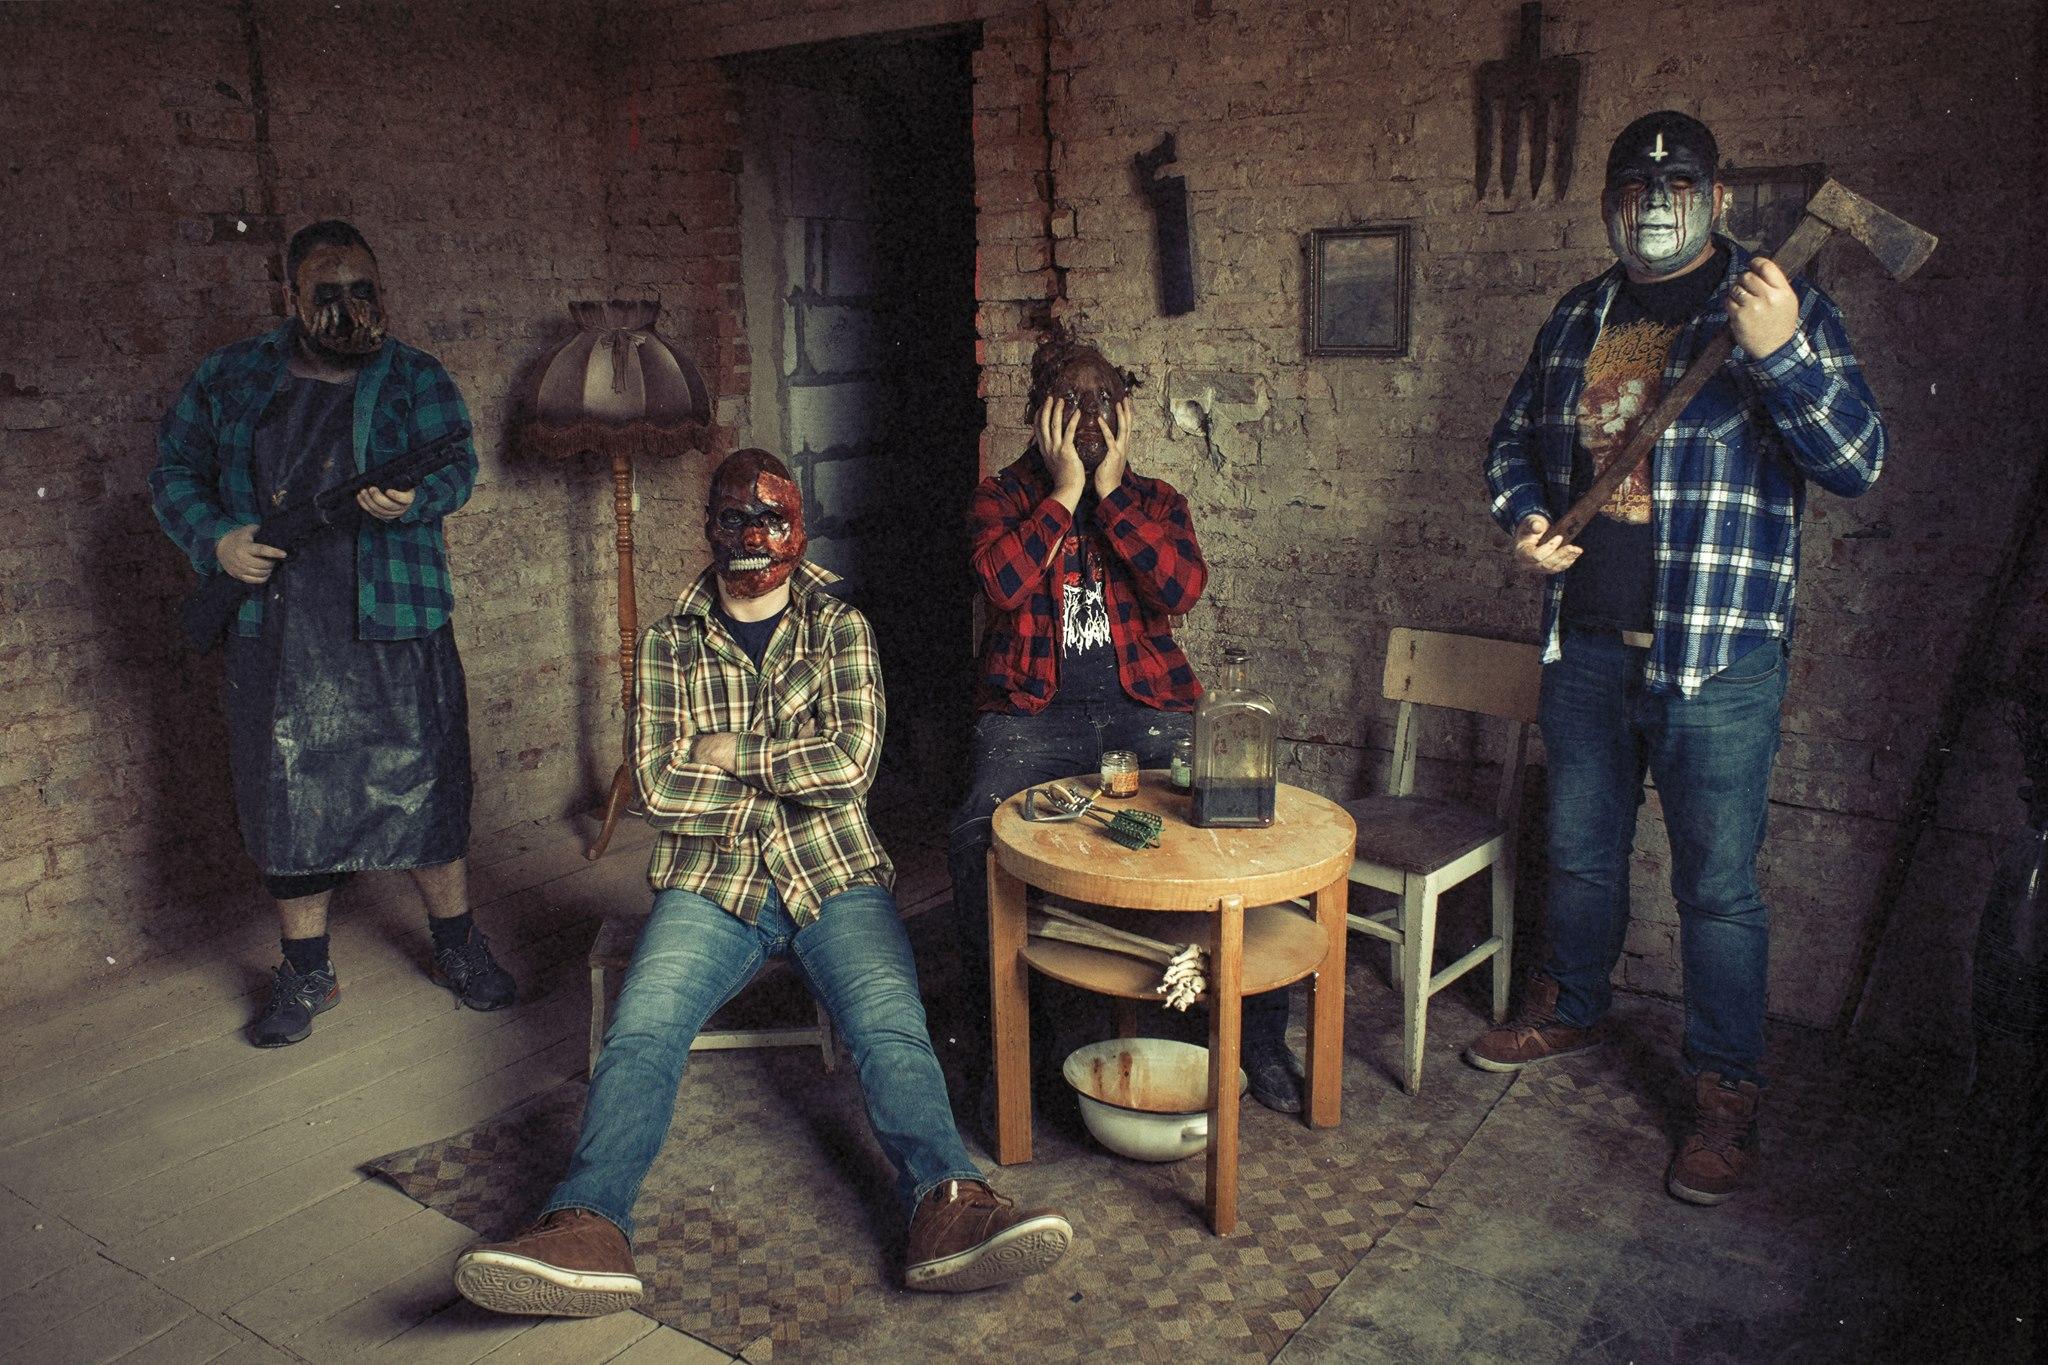 捷克輾核樂團 Murder Rape Amputate 釋出單曲 Chopped Torso Puzzle 公布全專輯試聽 Cadaverous Lullabies